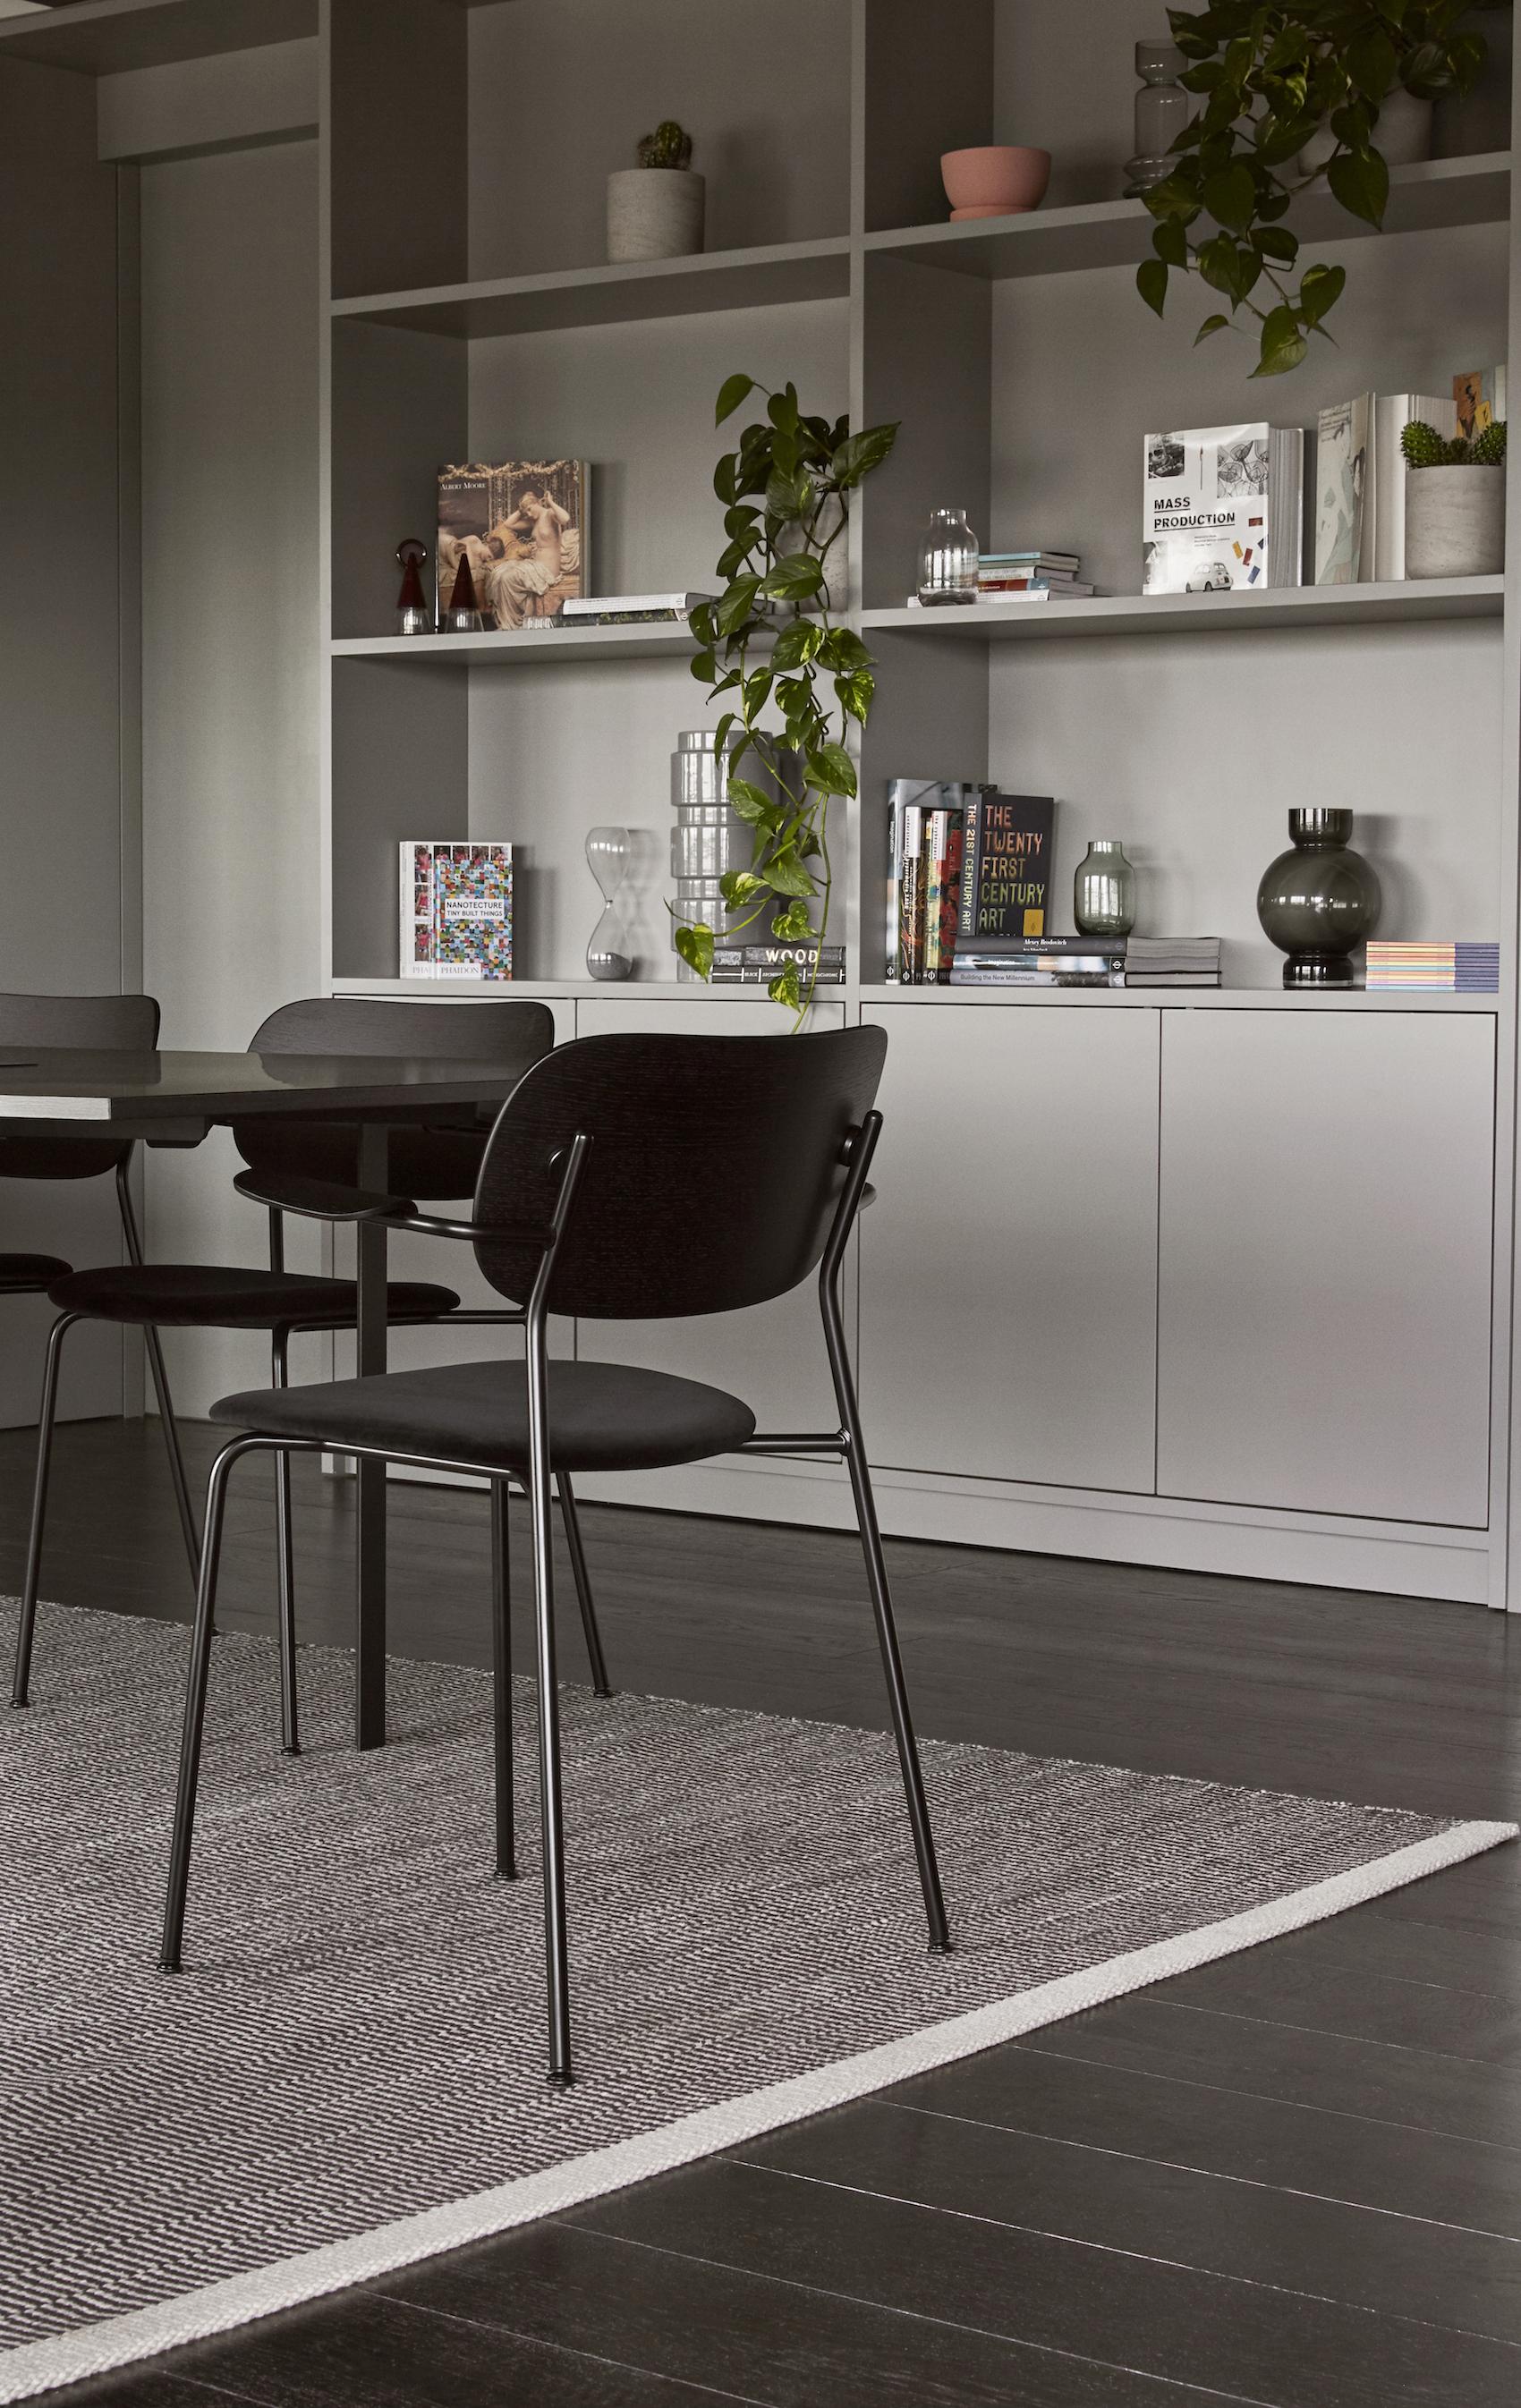 Co Chair The Lab Menu, modern furniture, chair, scandinavian design, scandinavian home Tintagel 6.jpg